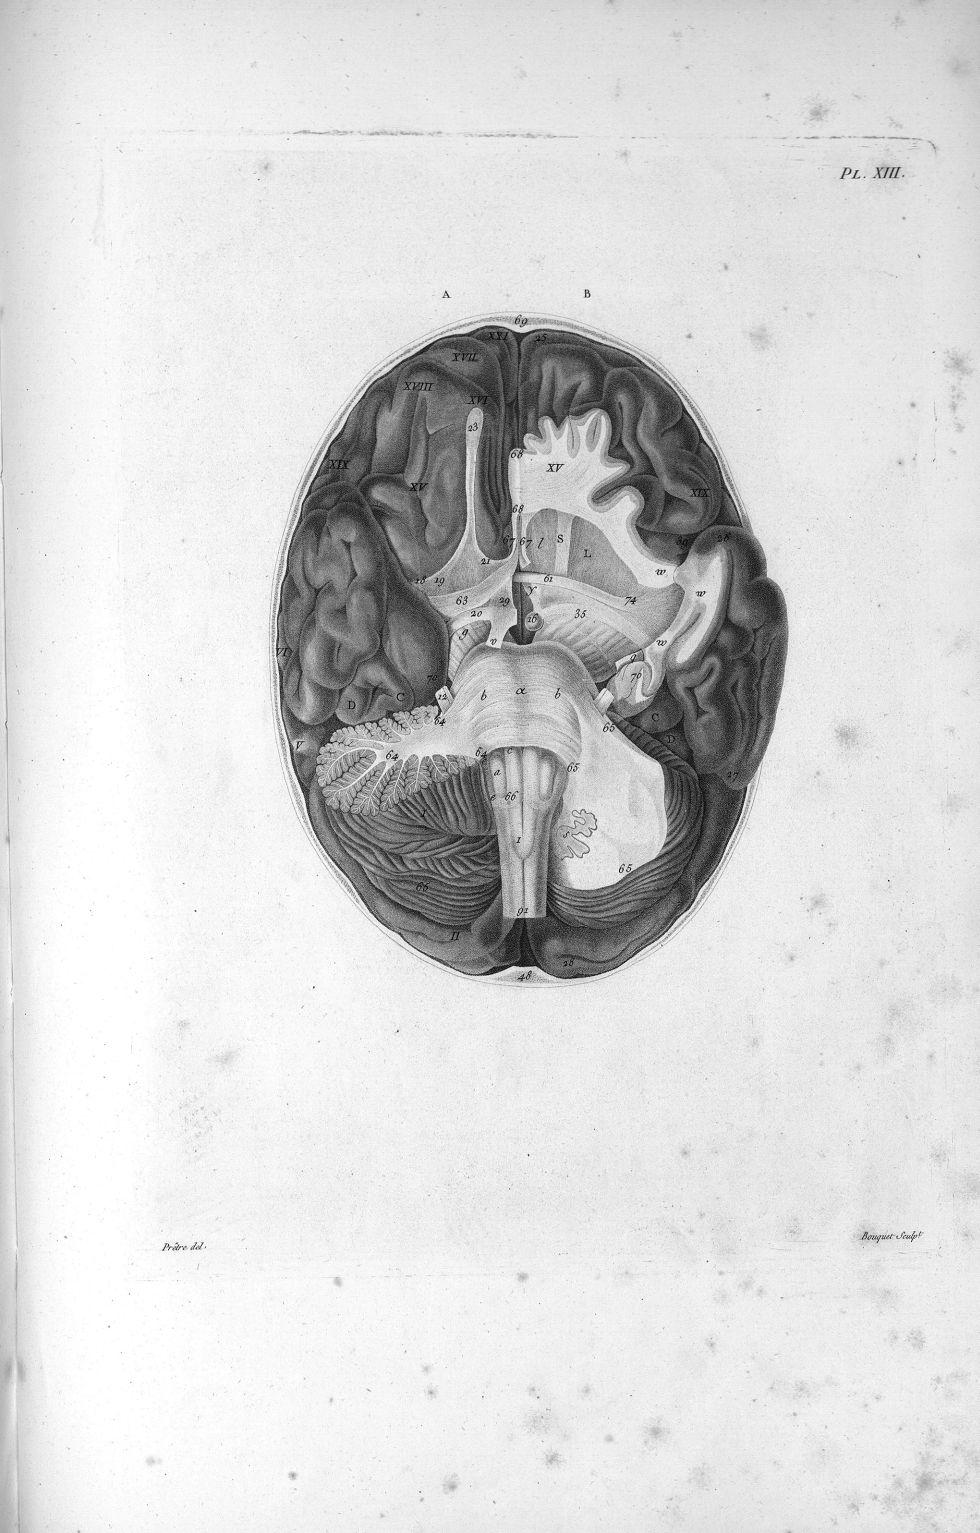 Pl. XIII. Grande réunion du cervelet ; réunion des circonvolutions antérieures du lobe moyen ; réuni [...] - Anatomie. Neurologie. Cerveaux, crânes (têtes). 19e siècle (France) - med00575x01x0329